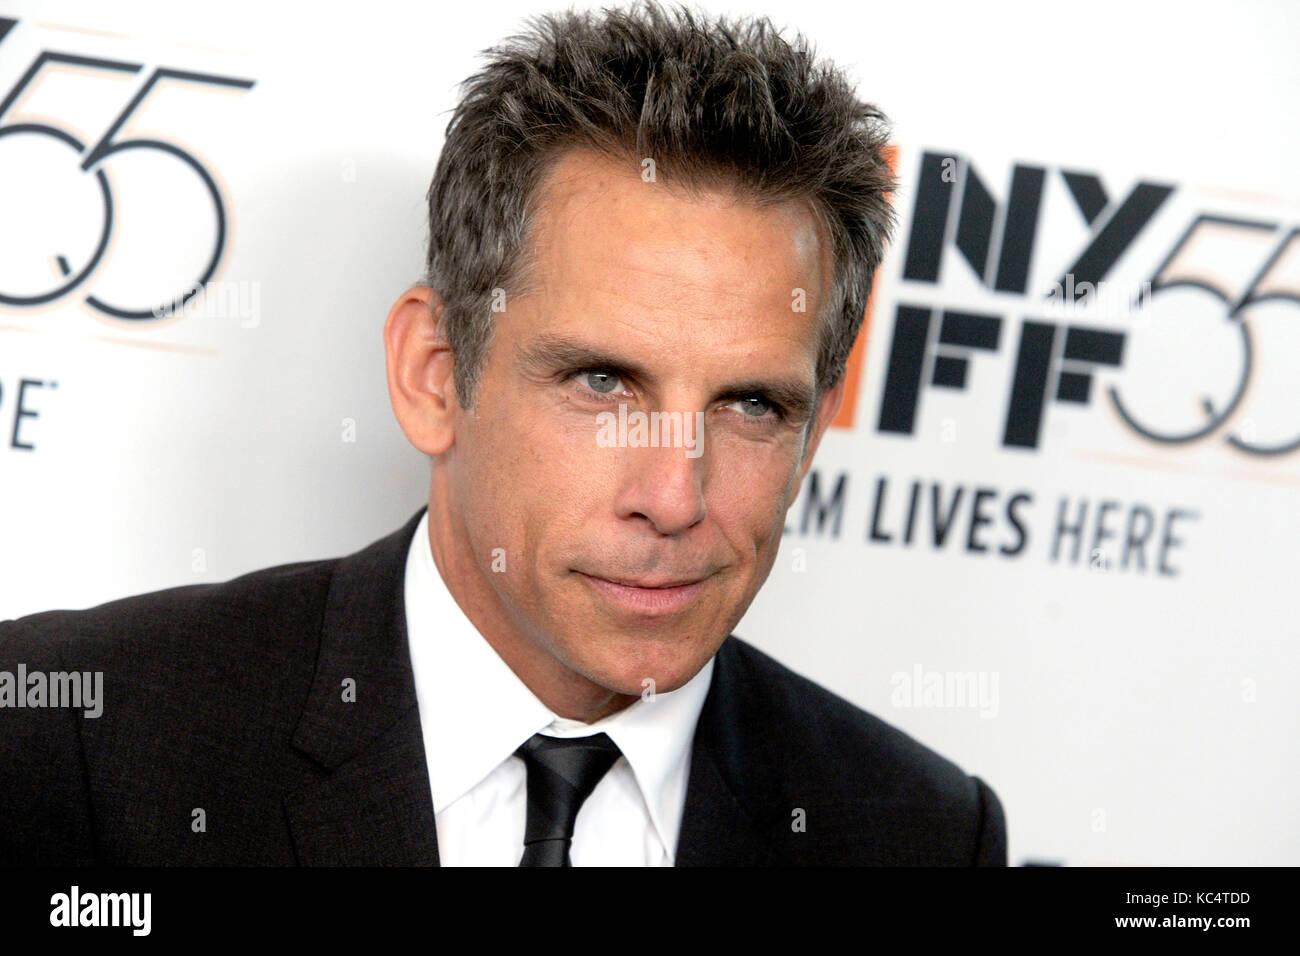 Ben Stiller assiste à la 'meyerowitz stories' premiere pendant le 55e festival du film de new york Photo Stock